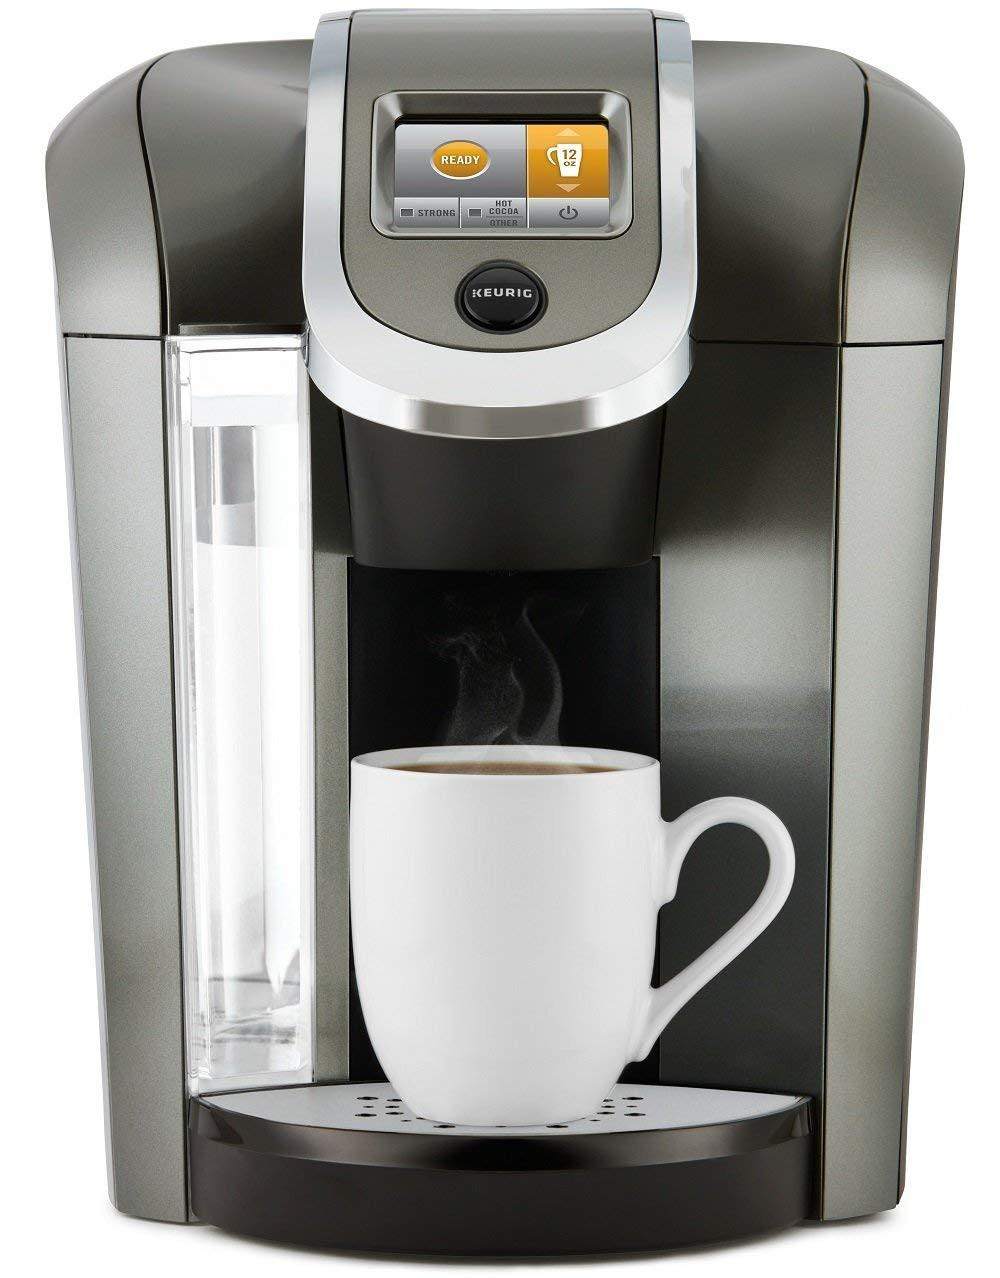 Keurig coffee makers K575